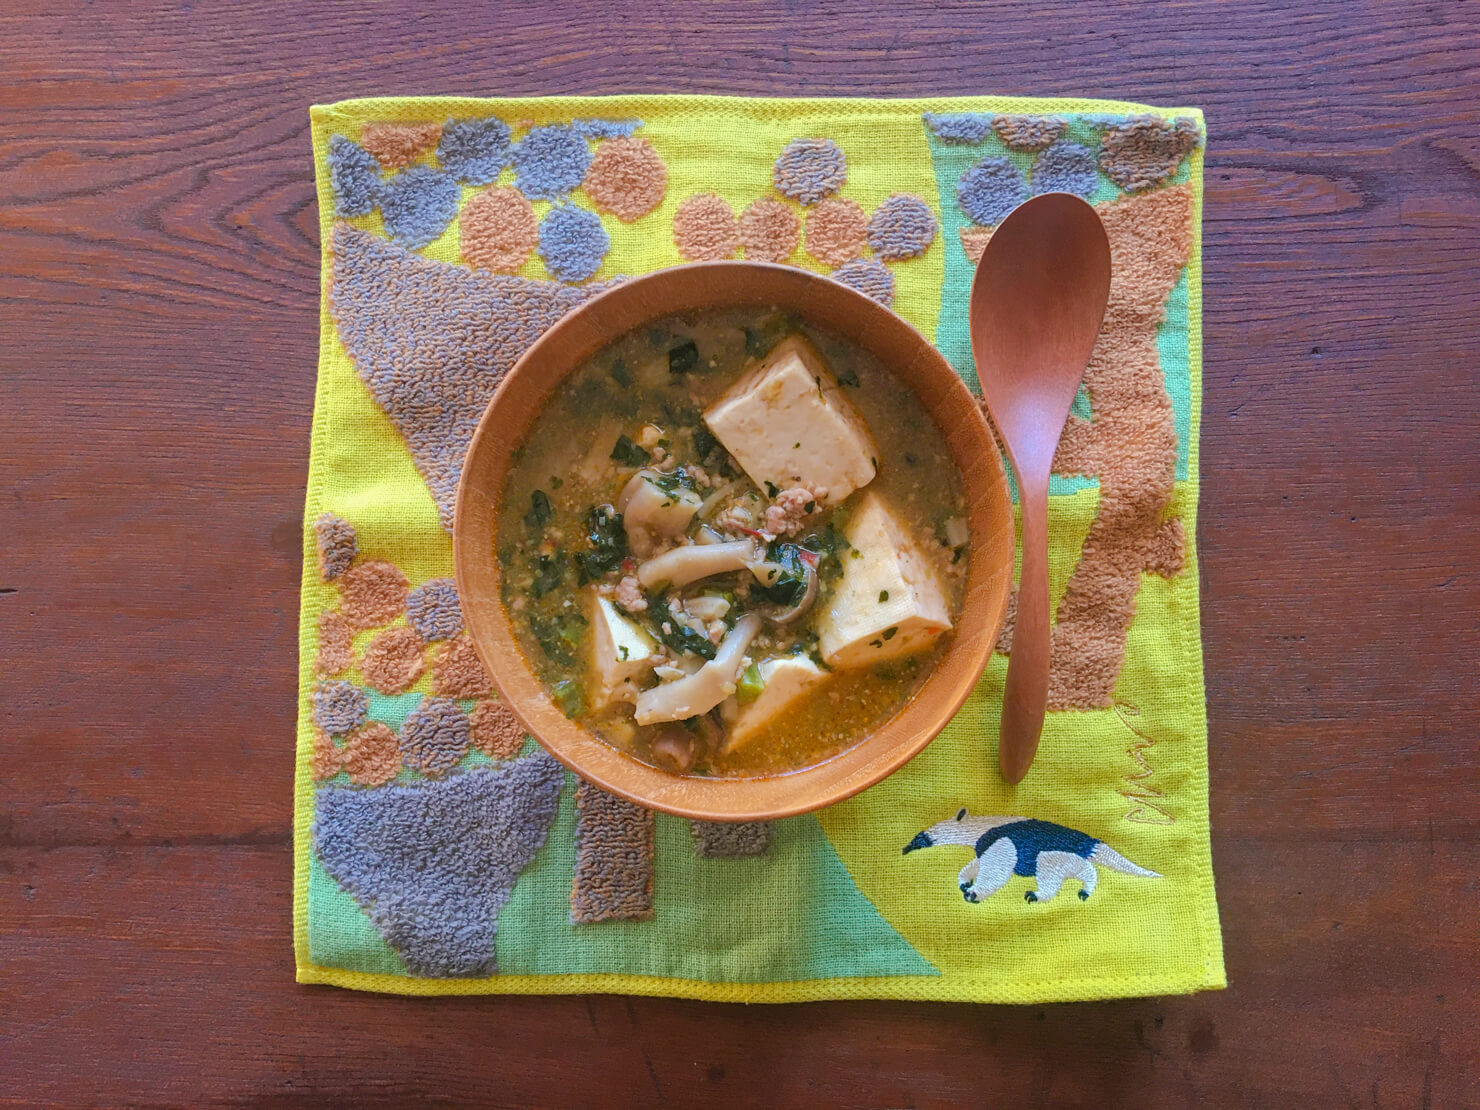 カーボロネロと豆腐の坦々煮込みの写真